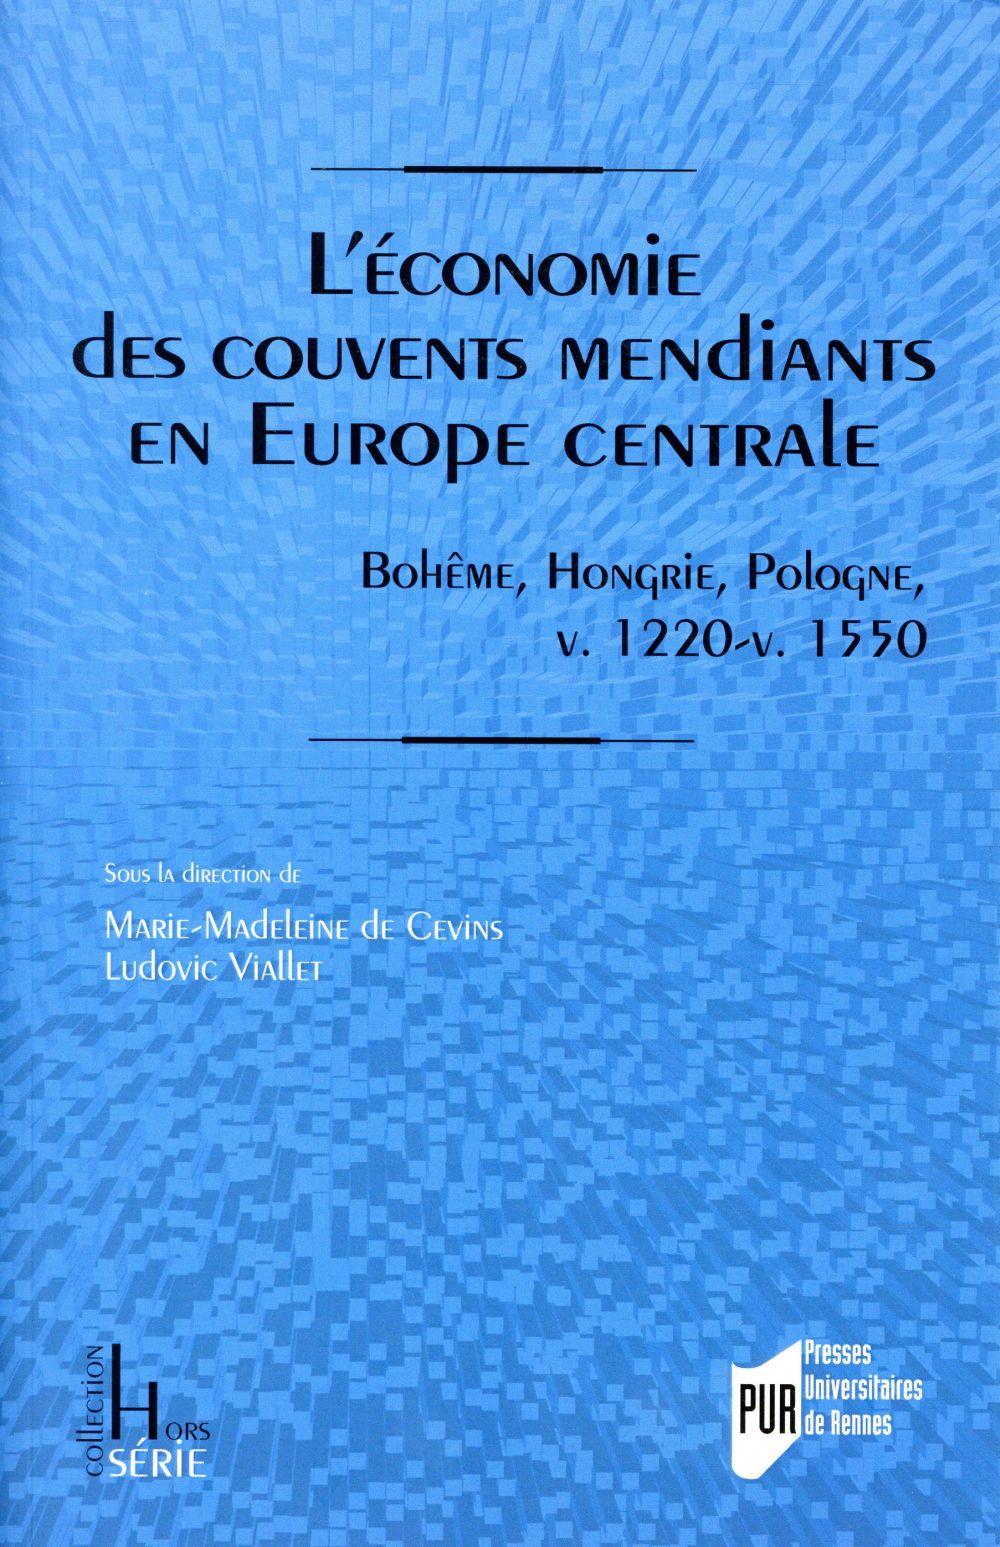 L ECONOMIE DES COUVENTS MENDIANTS EN EUROPE CENTRALE